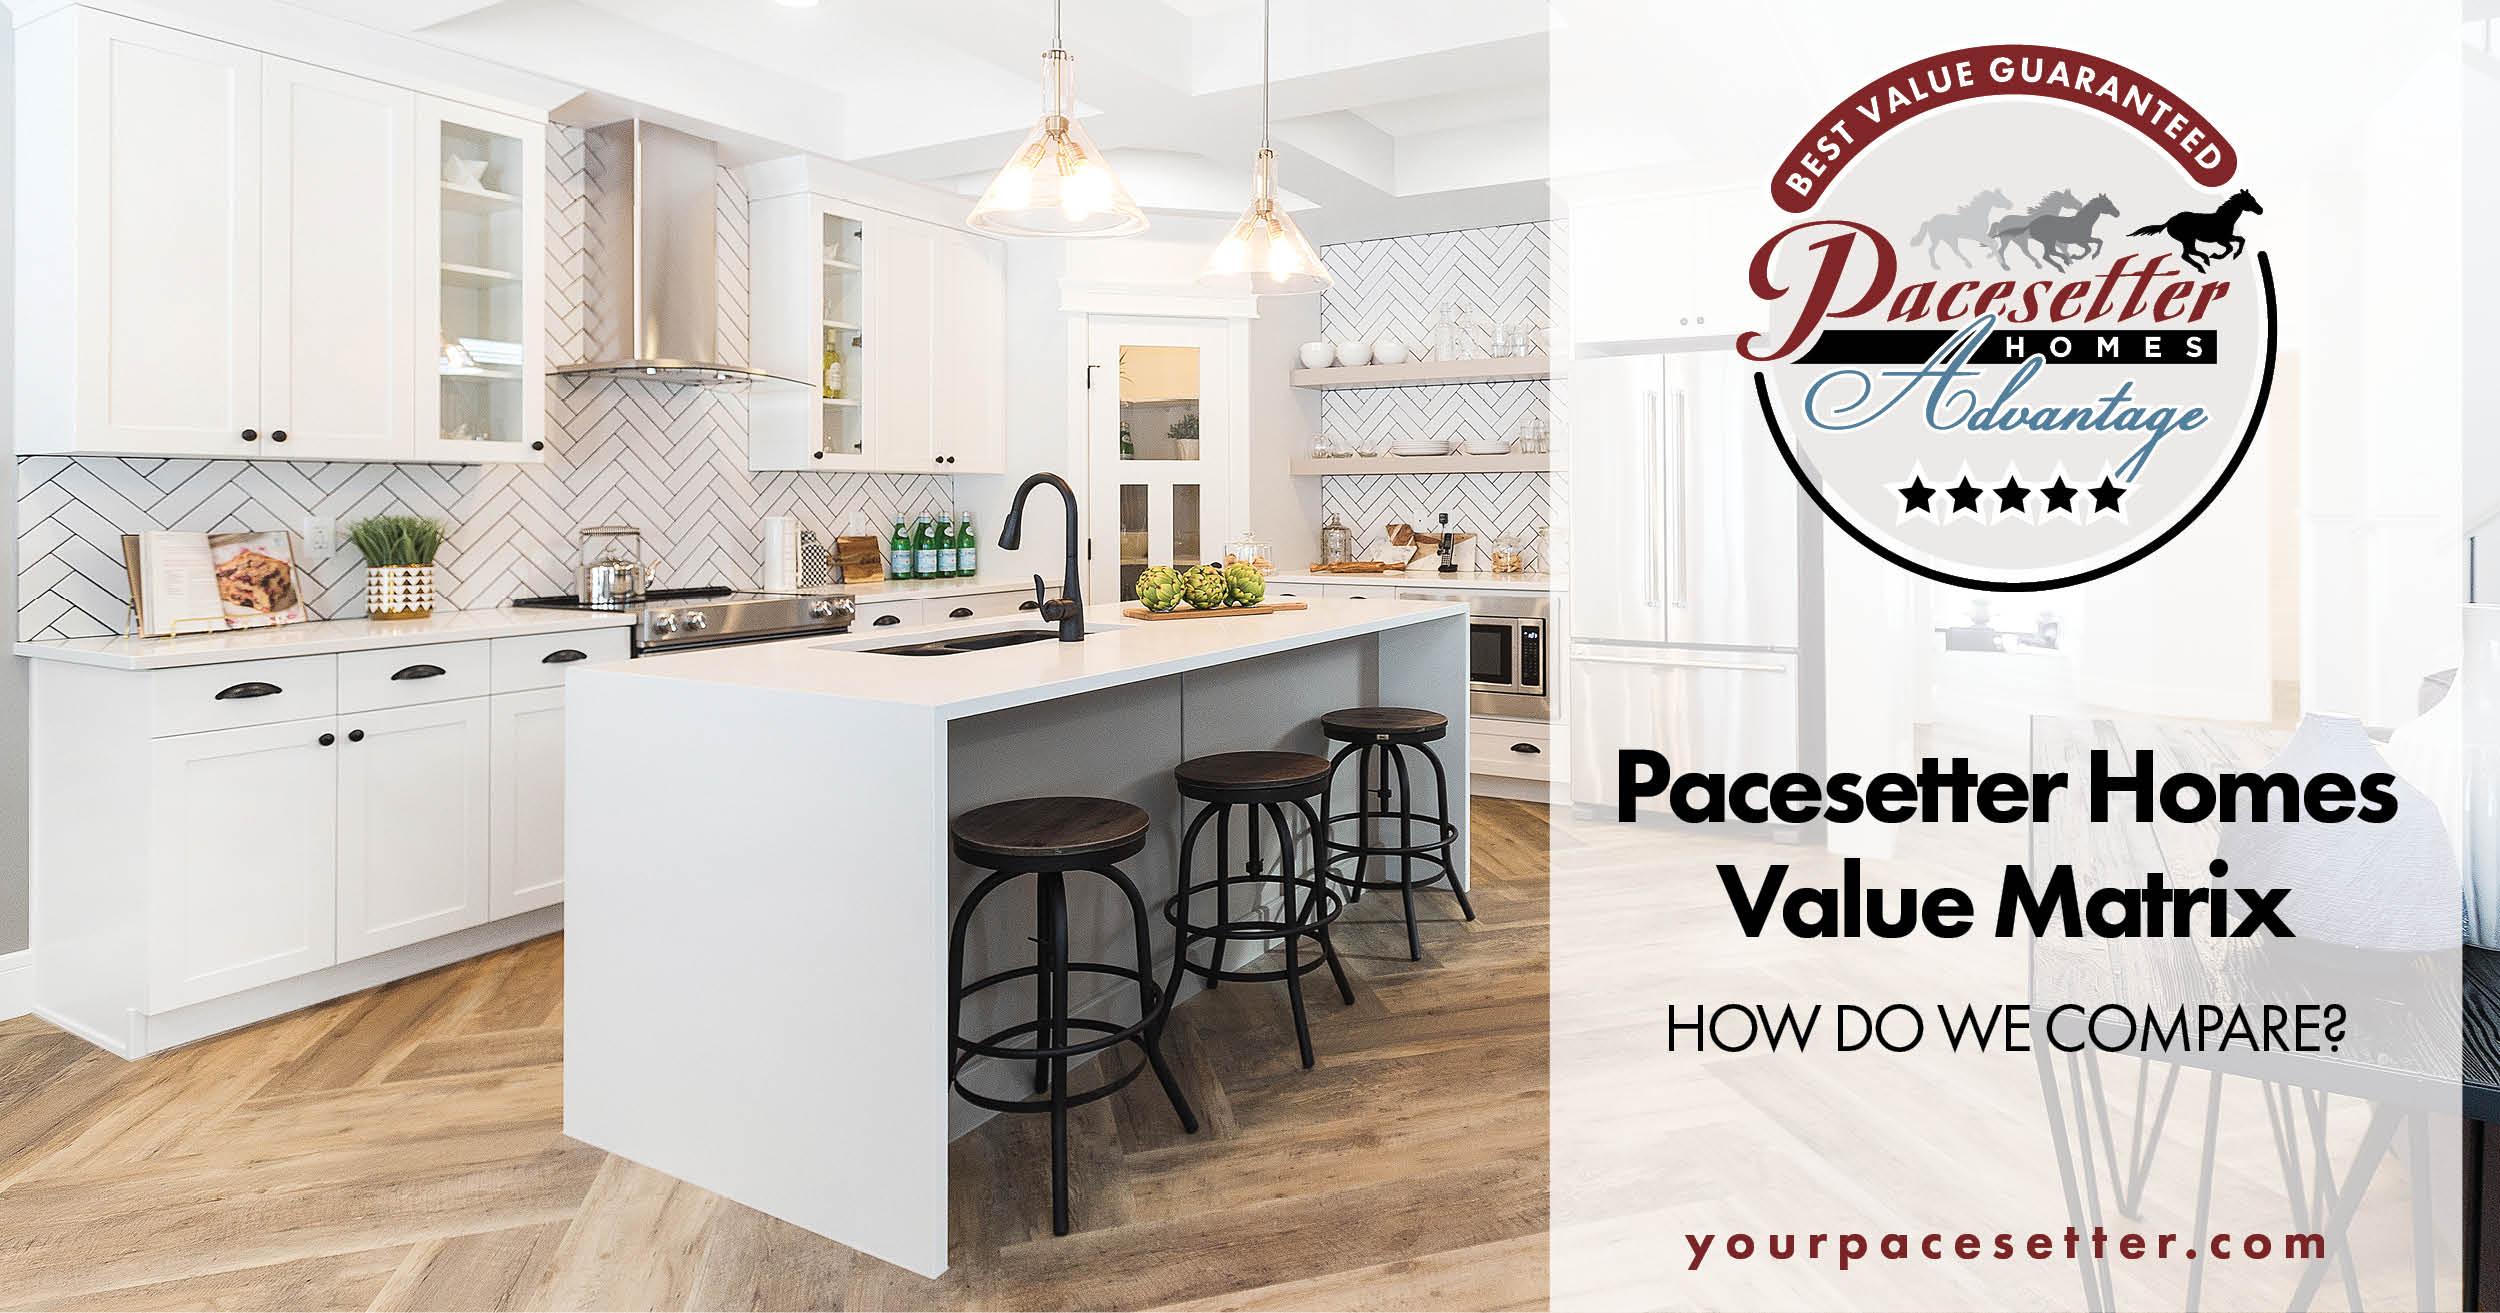 pacesetter_homes_bestvalue_sm_57.jpg